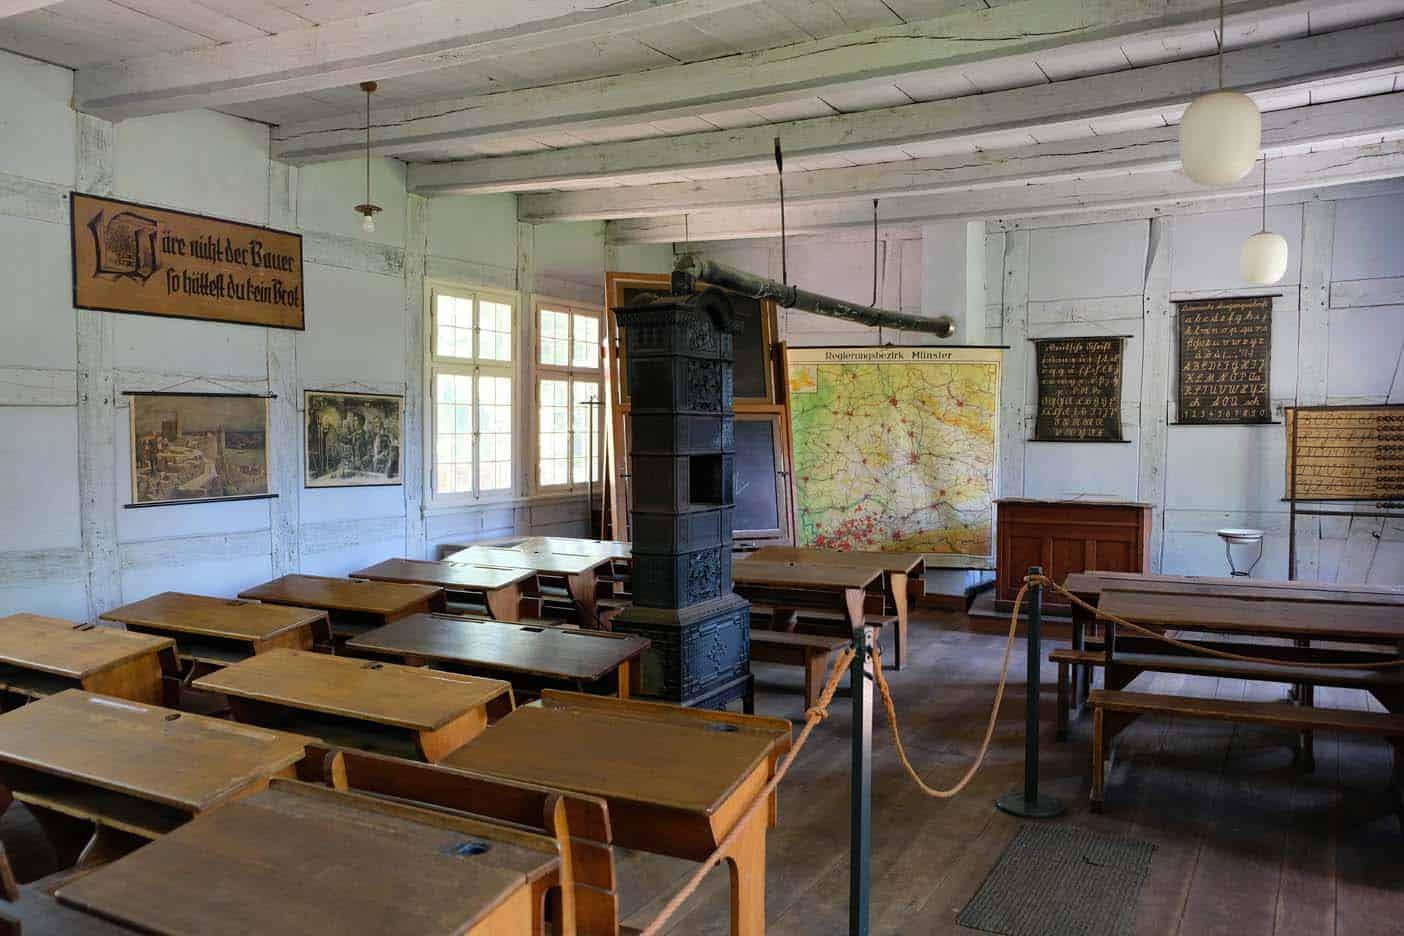 munster openluchtmuseum